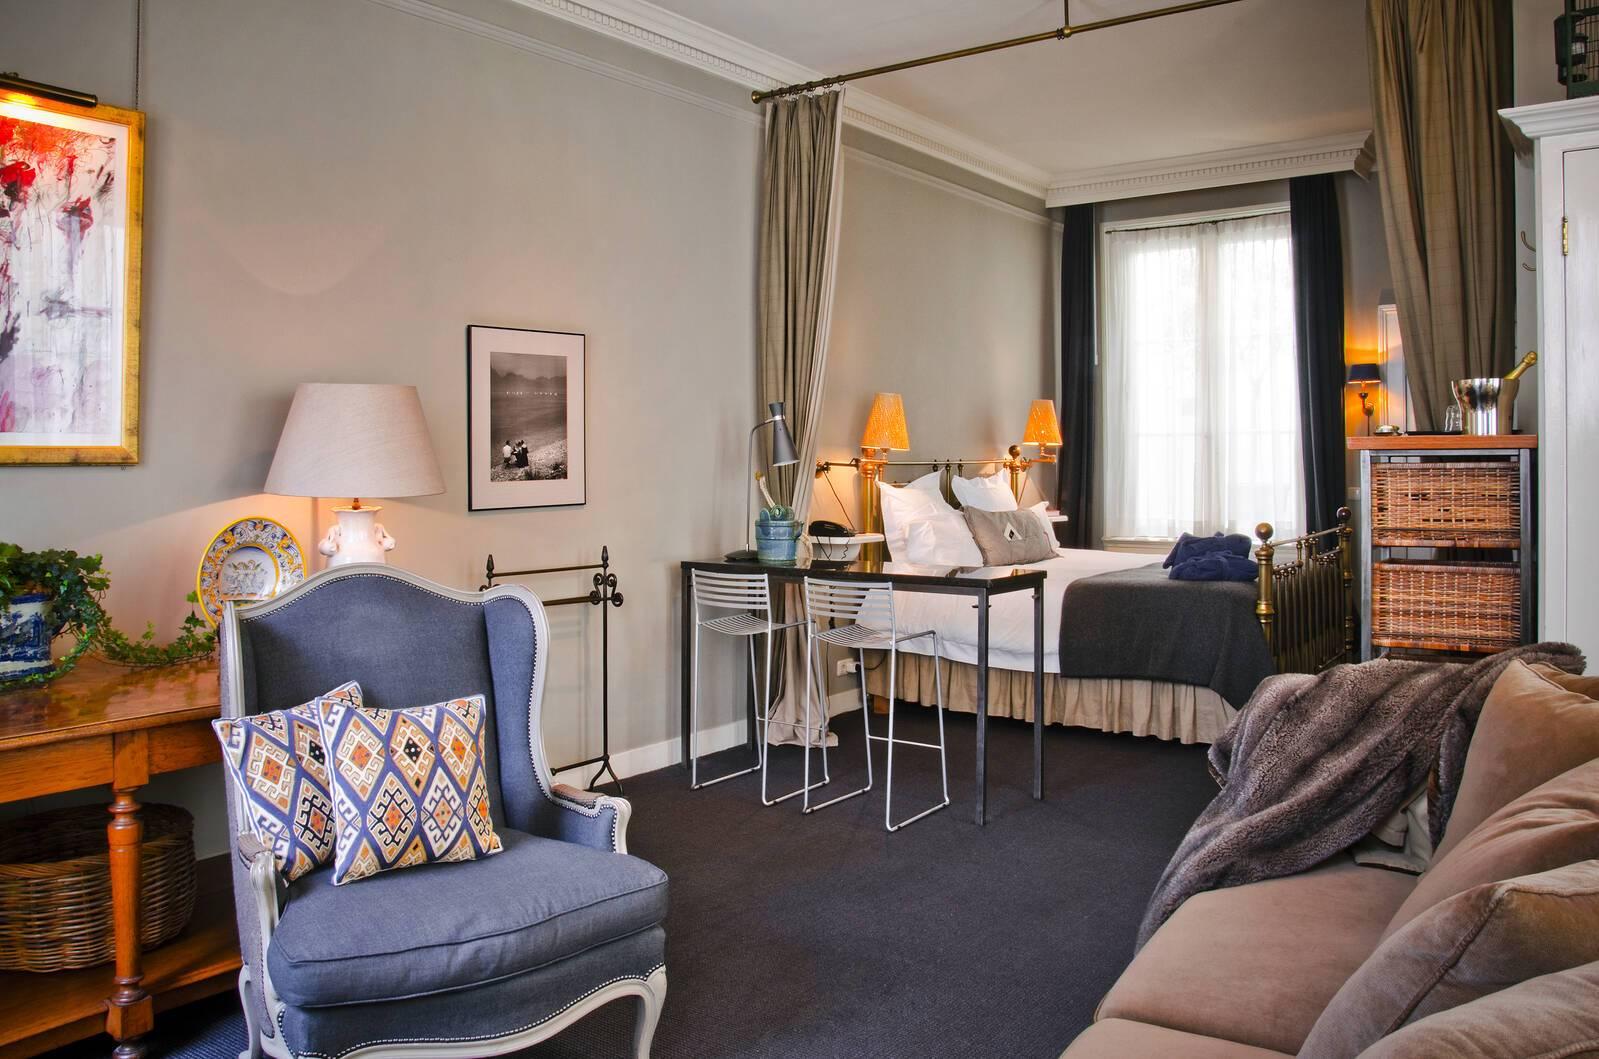 717 hotel junior suite shakespeare amsterdam